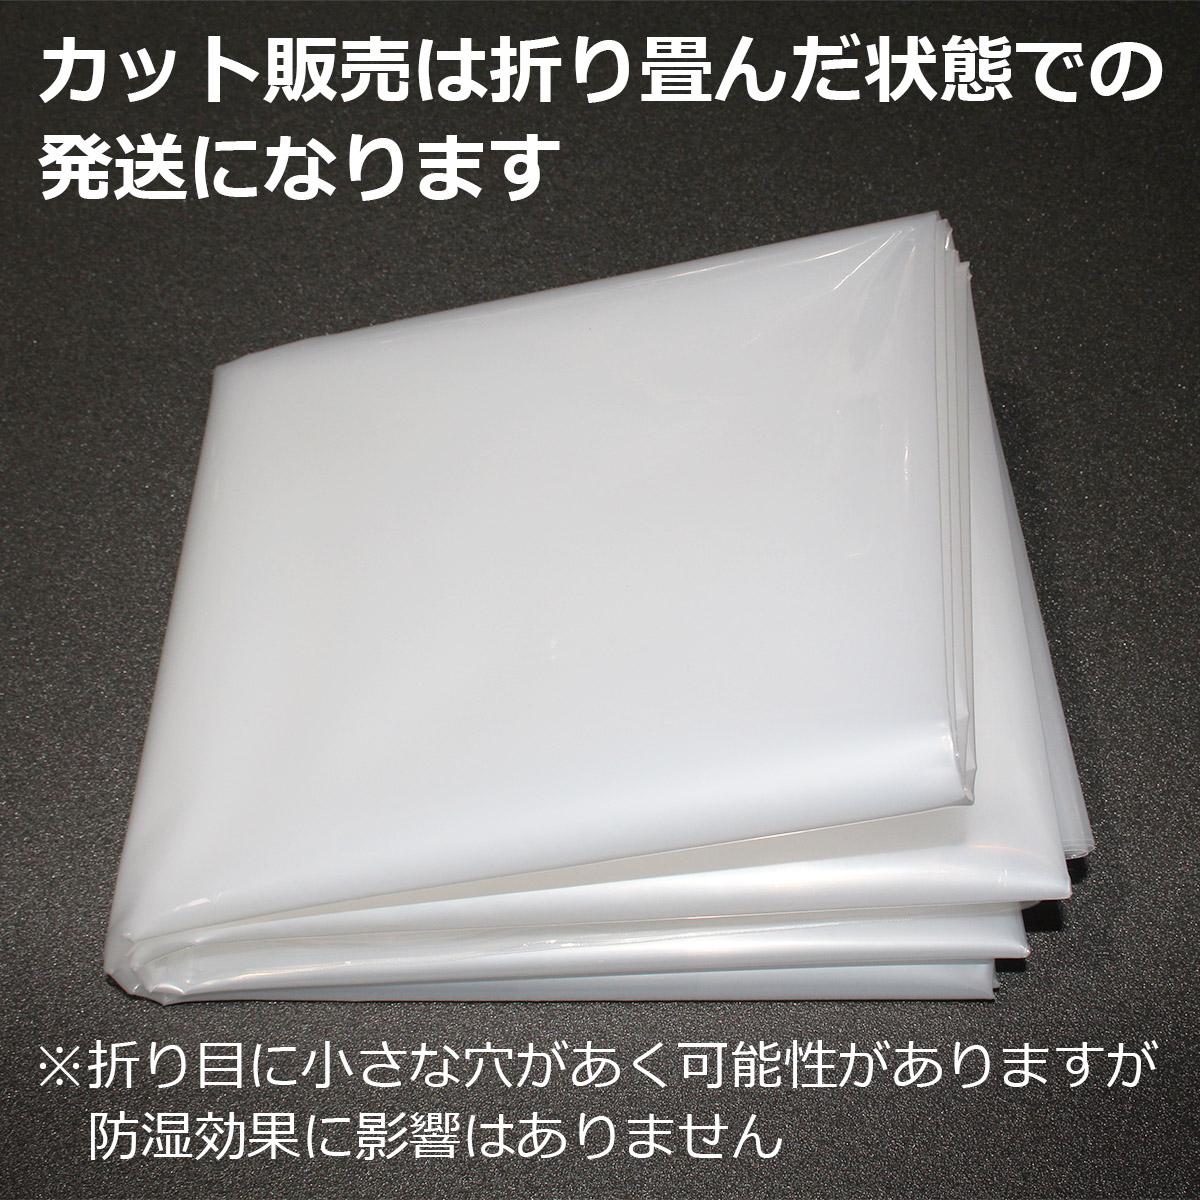 カット販売は折り畳んだ状態での発送になります ※折り目に小さな穴があく可能性がありますが防湿効果に影響はありません